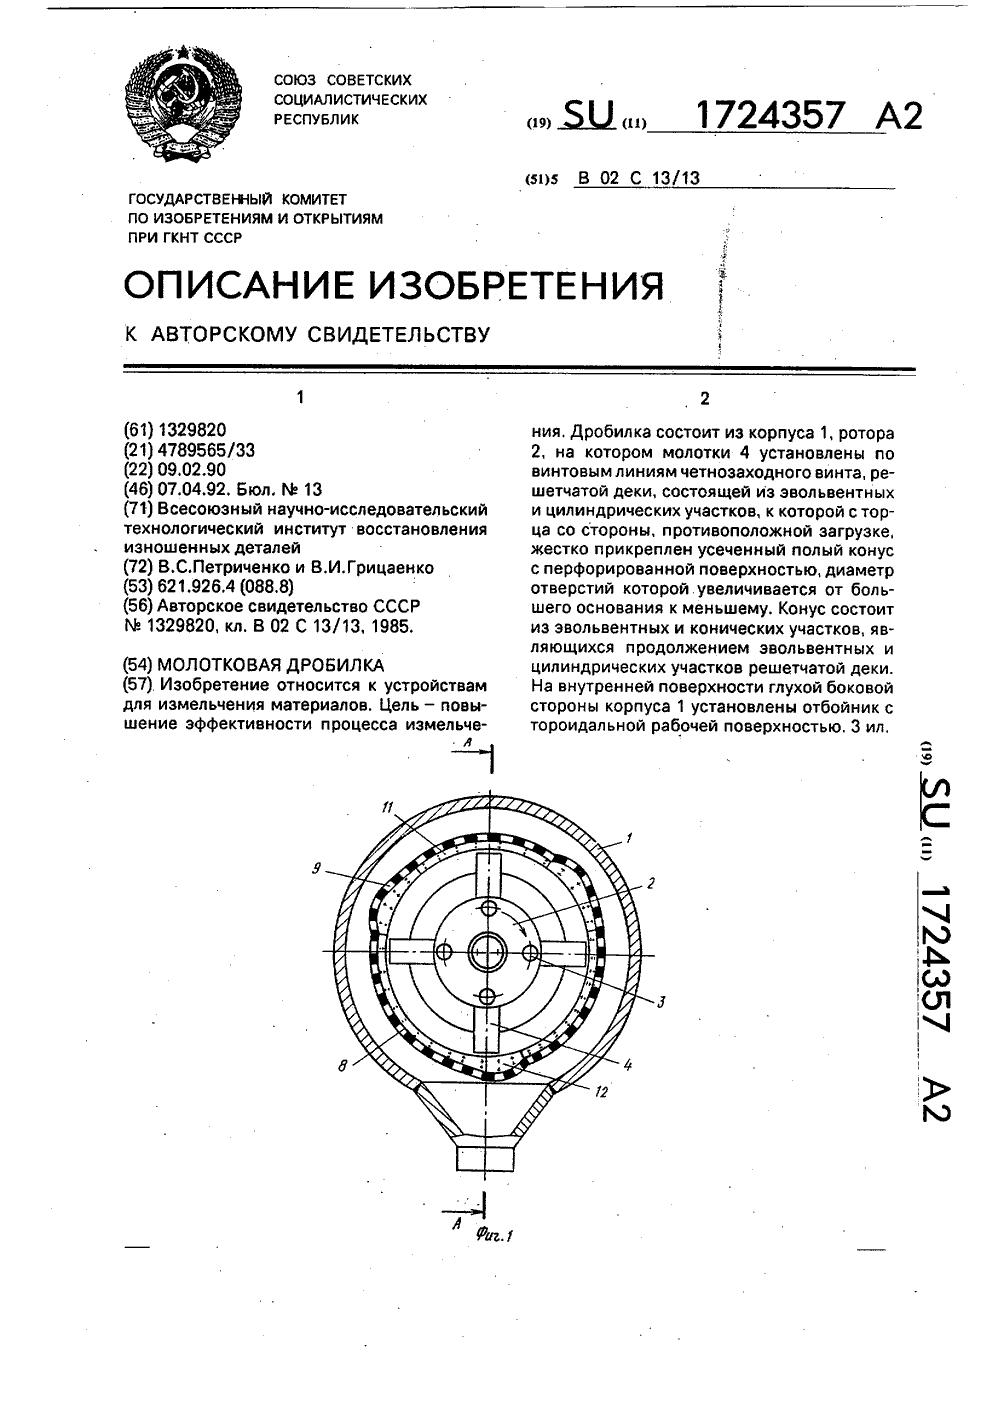 с-218а дробилка молотковая кинематическая схема